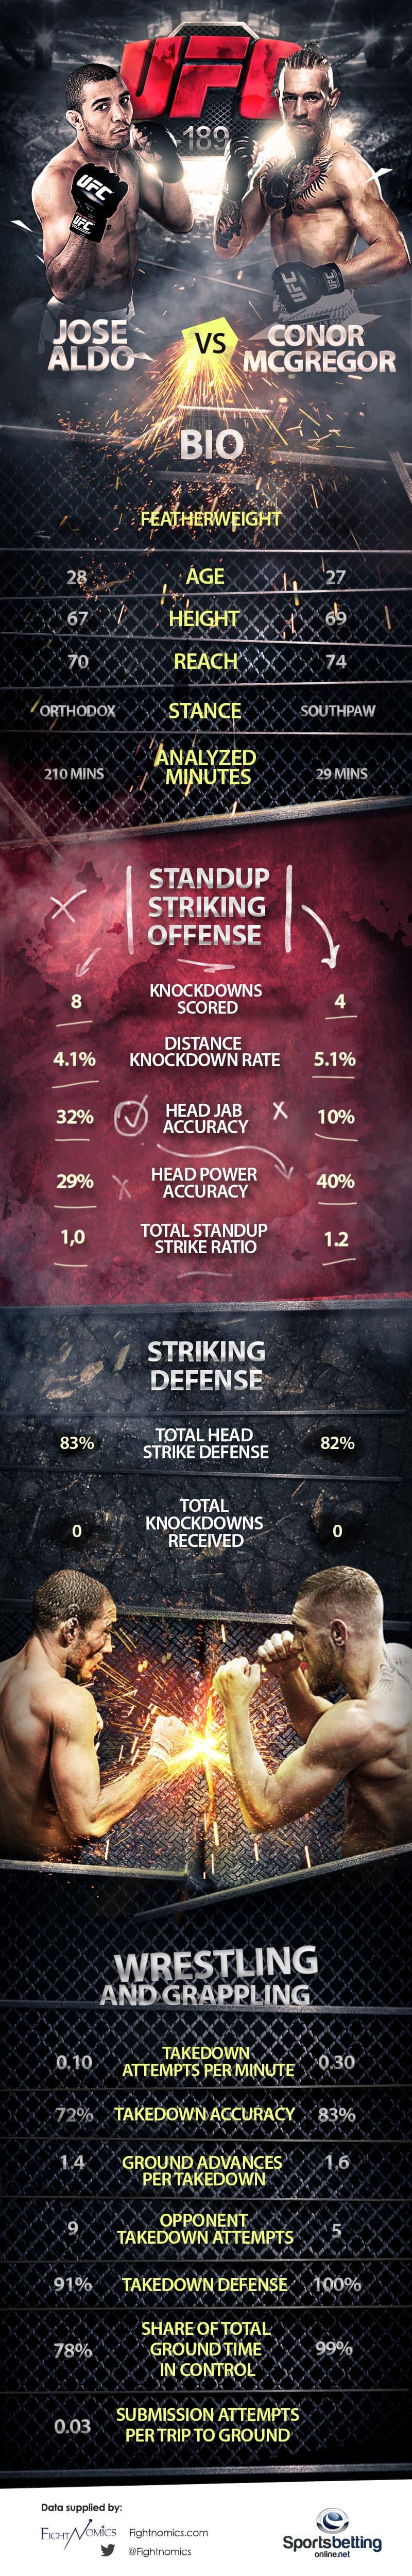 UFC189 ALDO vs McGregor Infographic